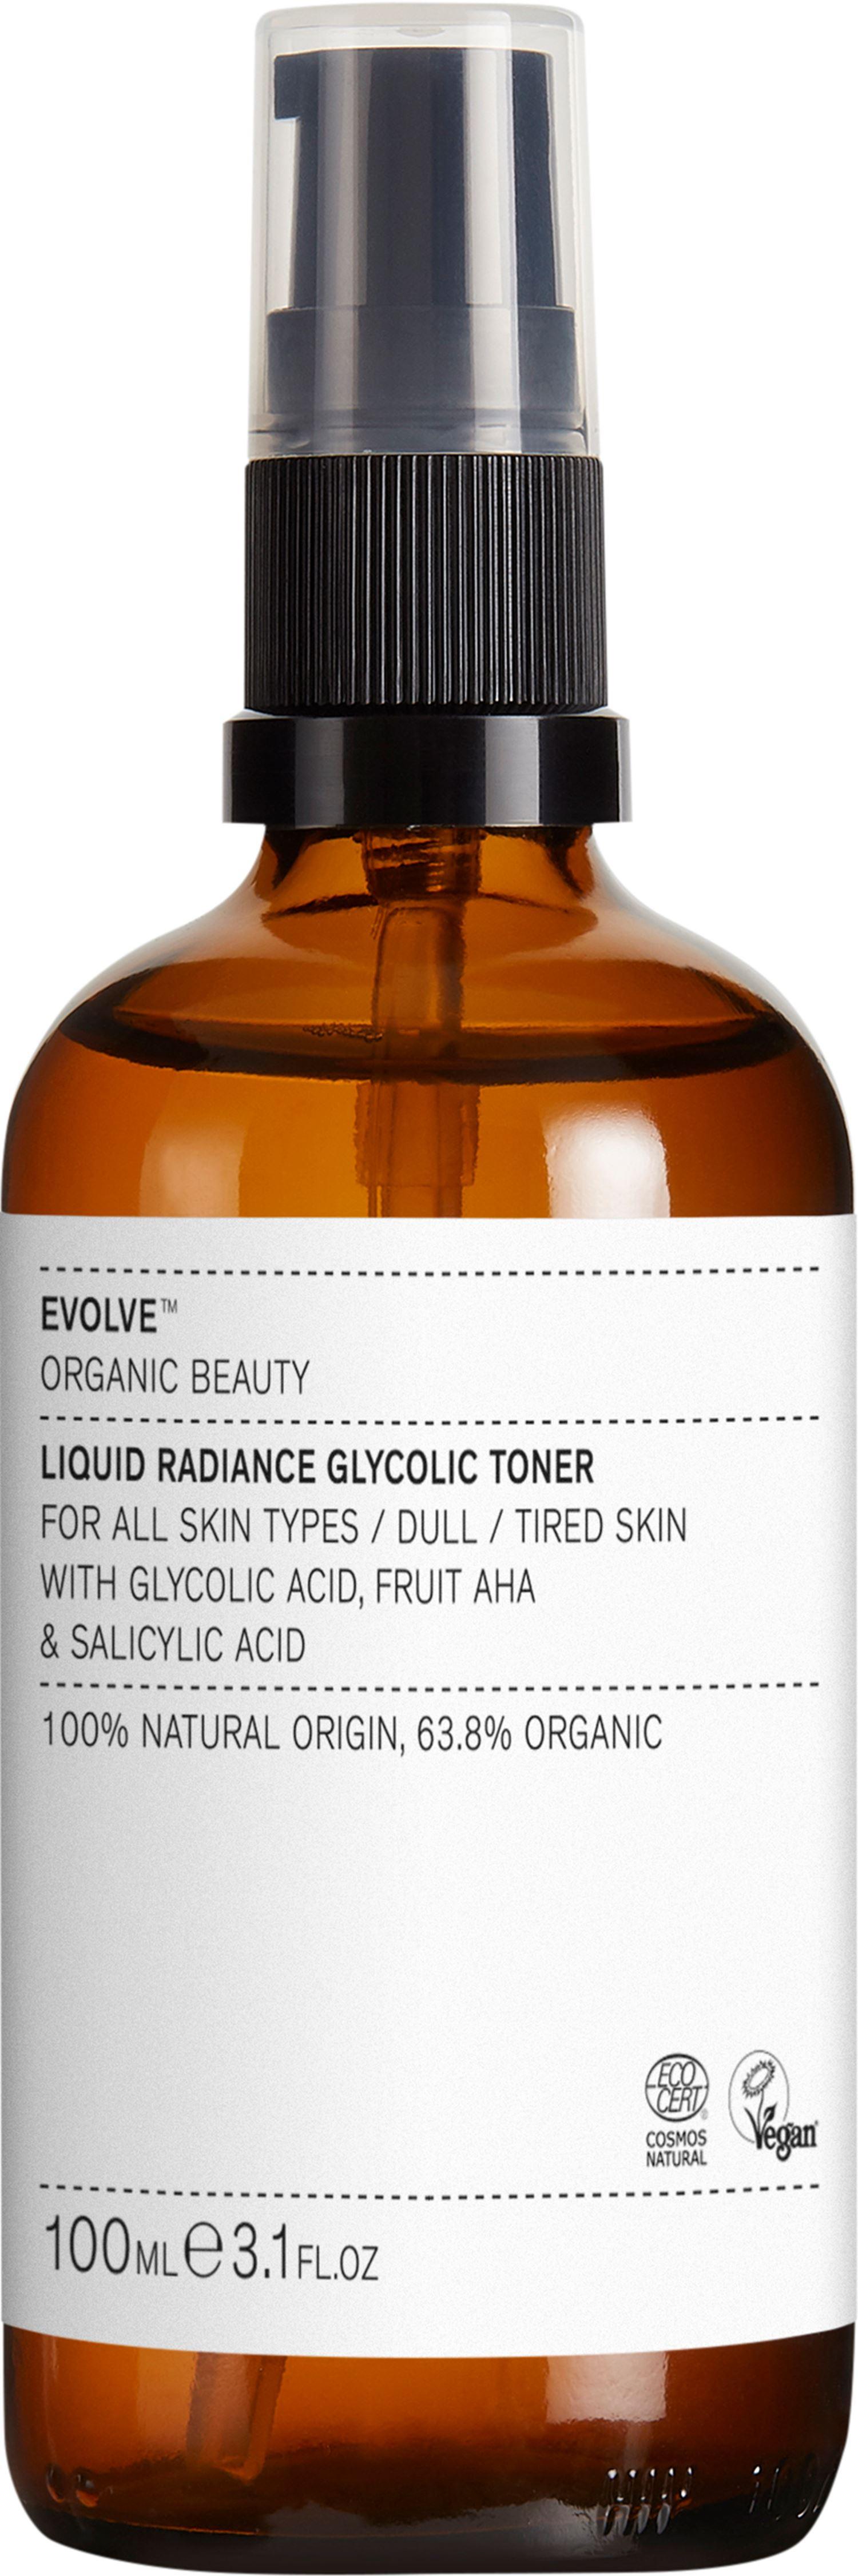 Evolve - Liquid Radiance Glycolic Toner 100 ml